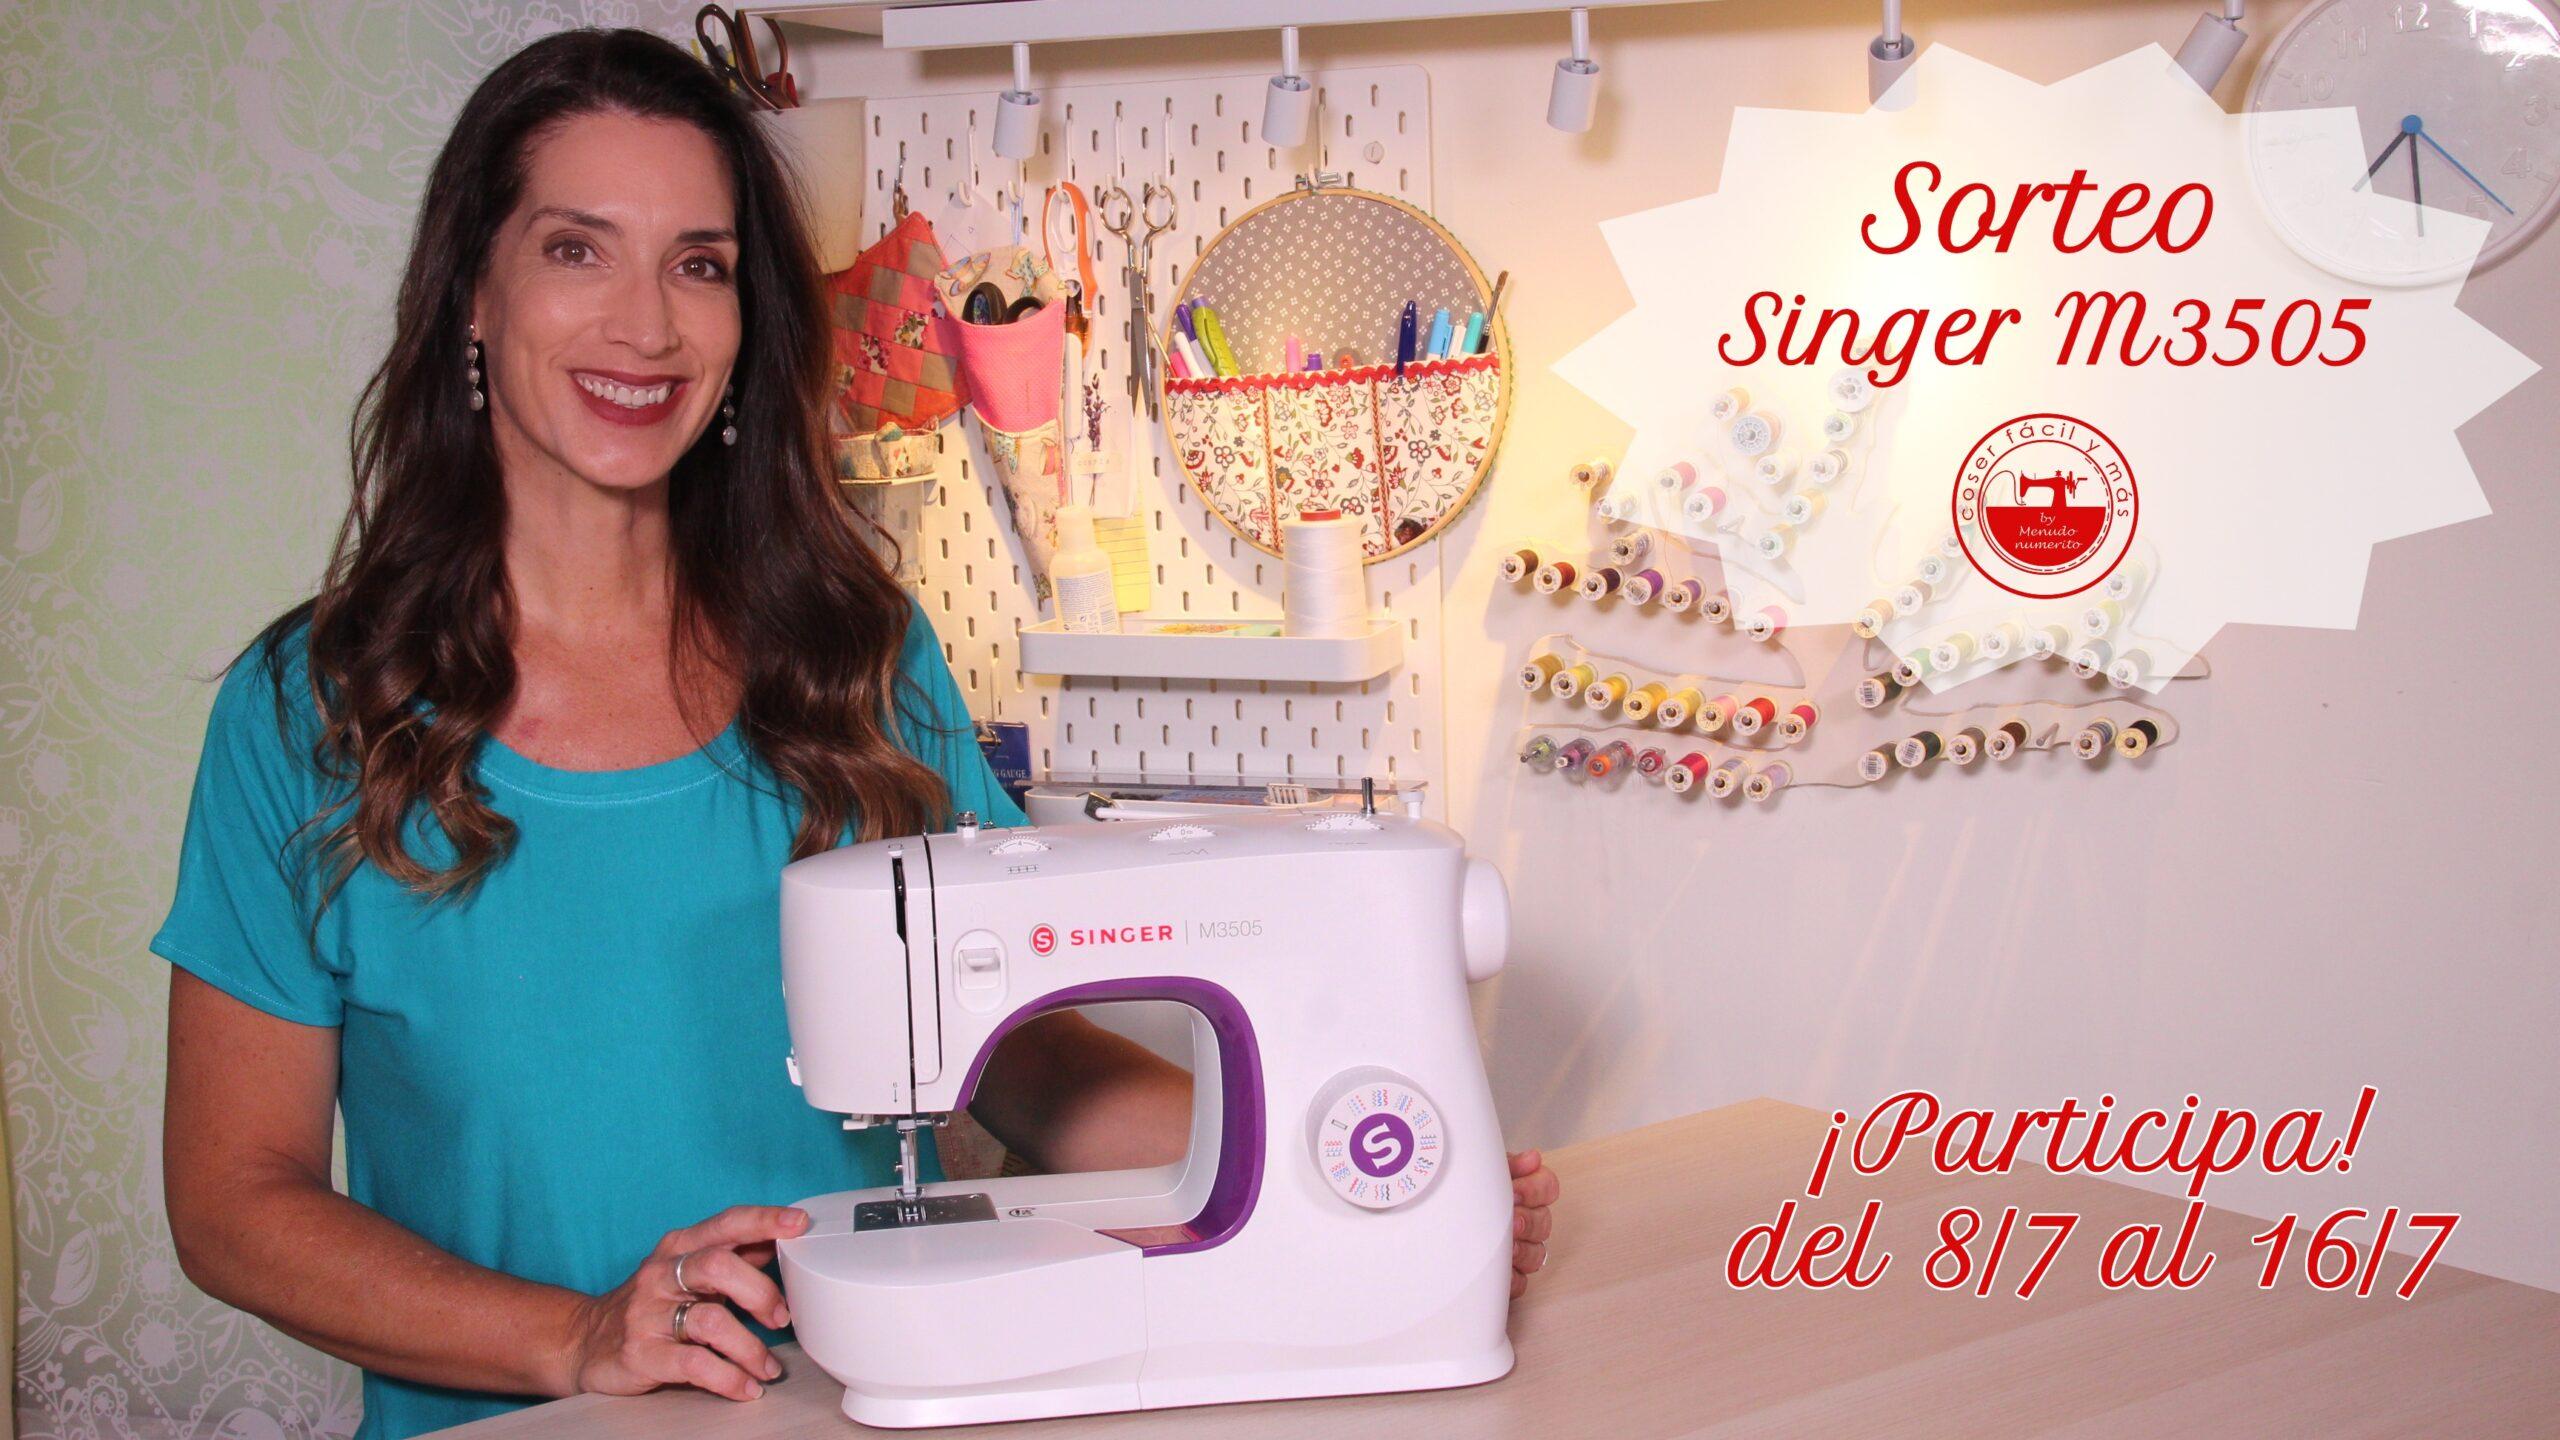 singer m3505 menudo numerito blogs de costura